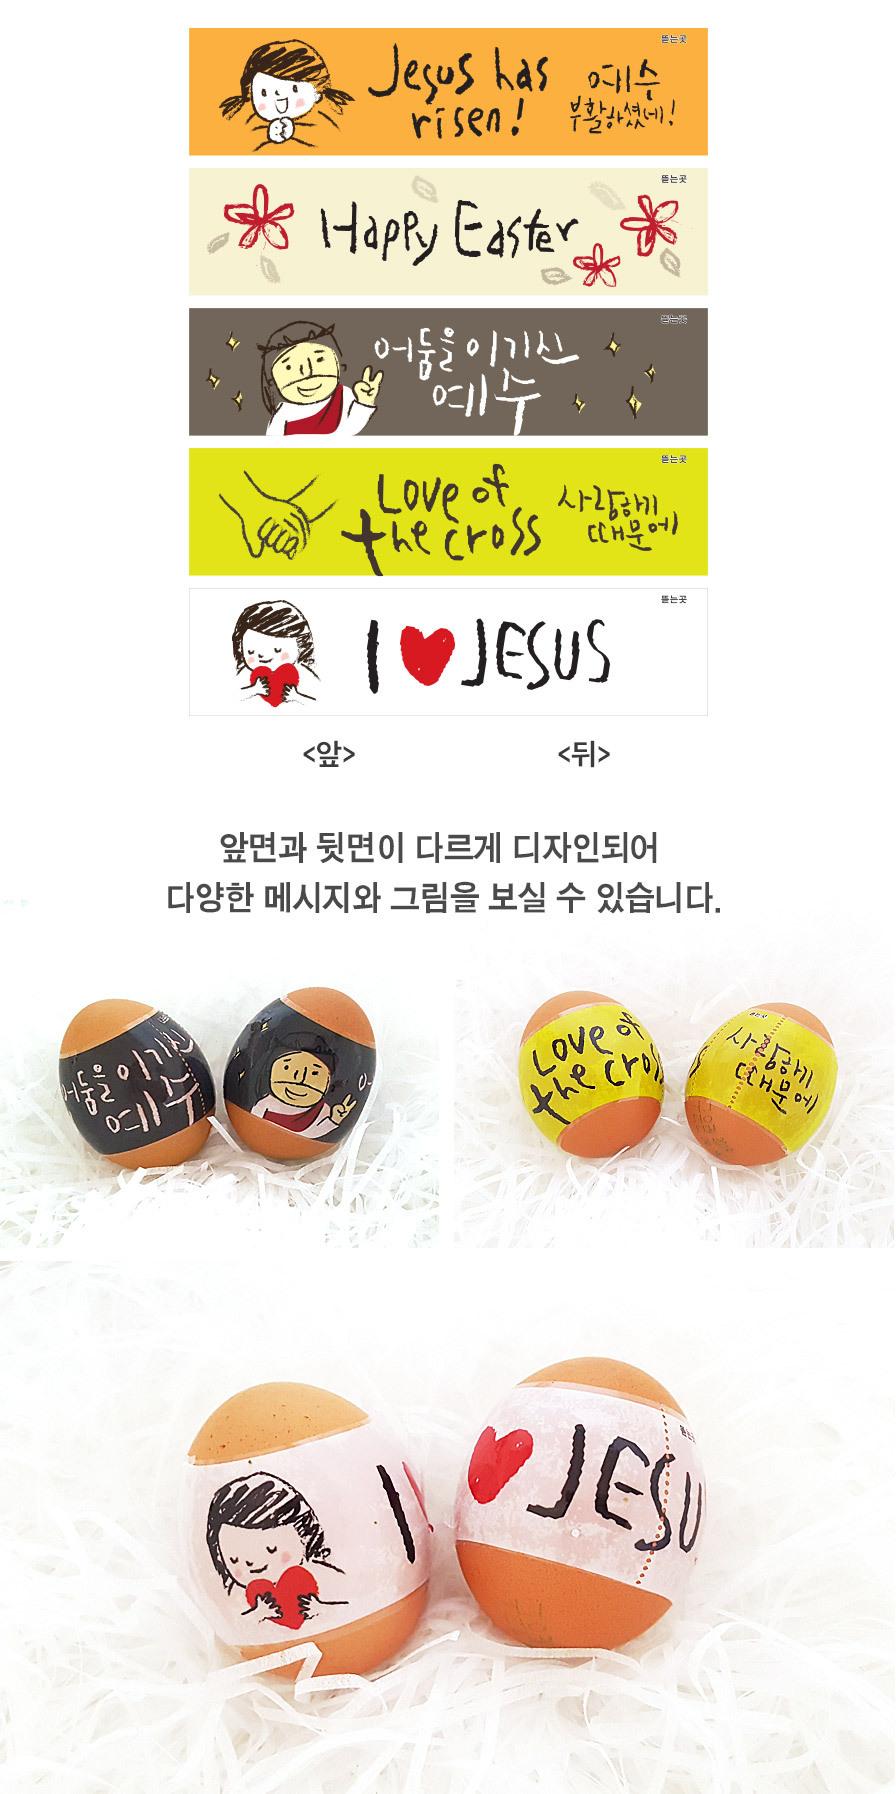 부활절 교회 달걀꾸미기 포장용 수축필름 수축지 F 상세보기